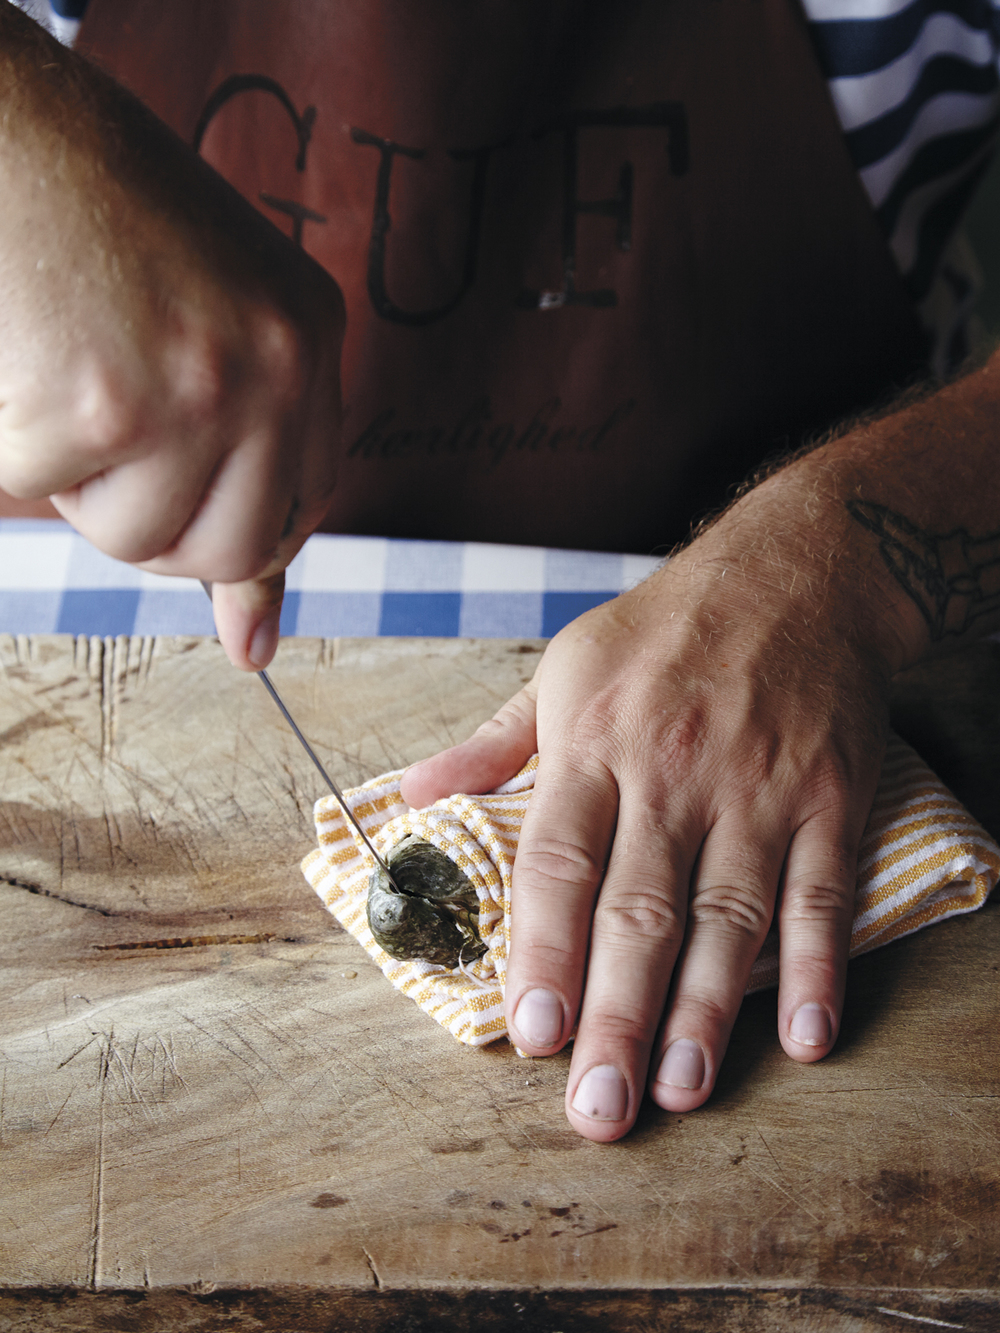 2. Stikk østerskniven (liten, skarp sak) inn på baksidenav østersen, ved siden av festet, og vrikkfra side til side samtidig med at du presser inn.Gjør dette til du hører et slags klikk.